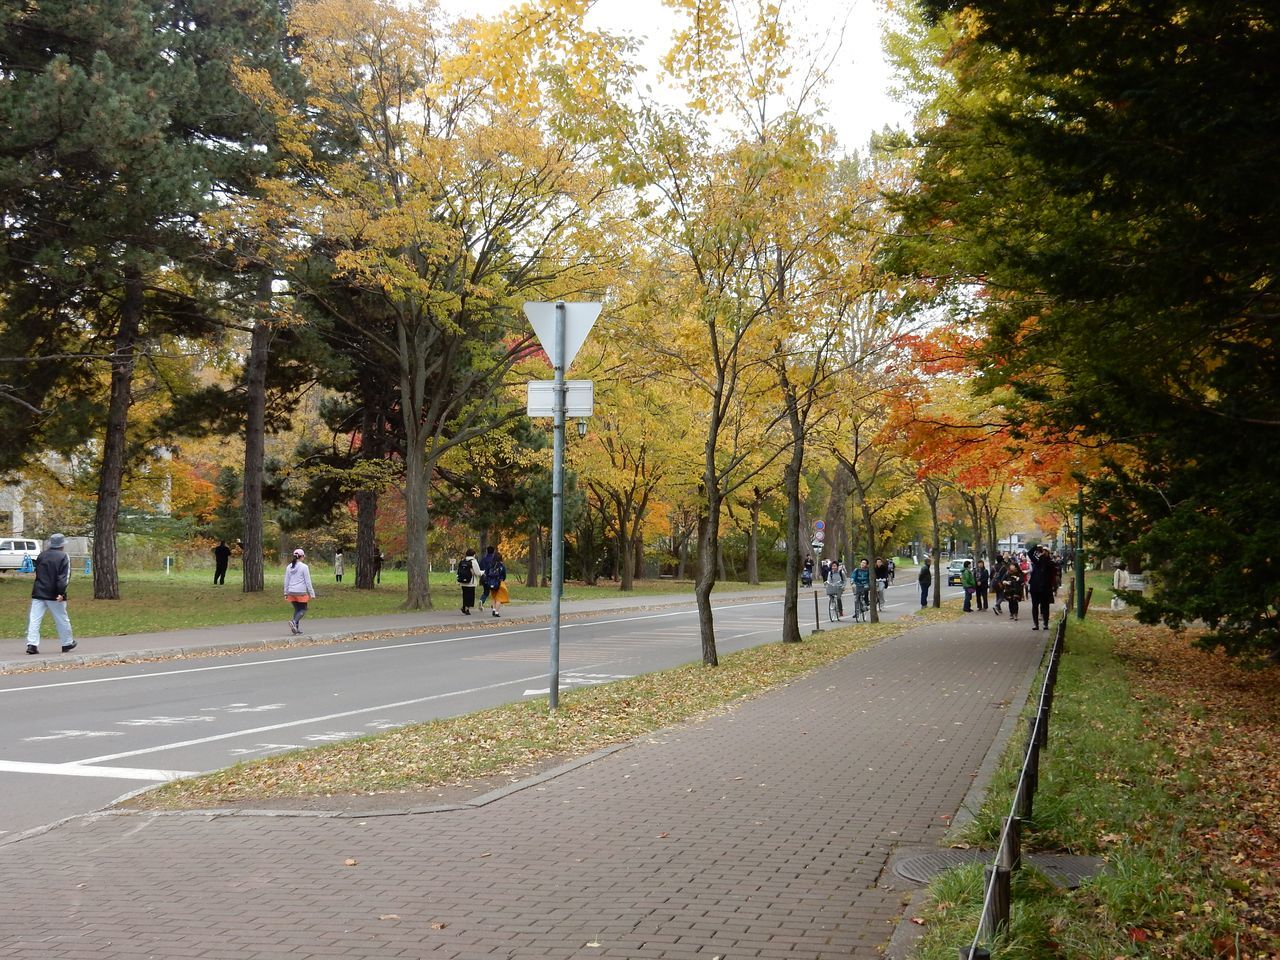 黄葉・紅葉に染まる北海道大学_c0025115_22363780.jpg